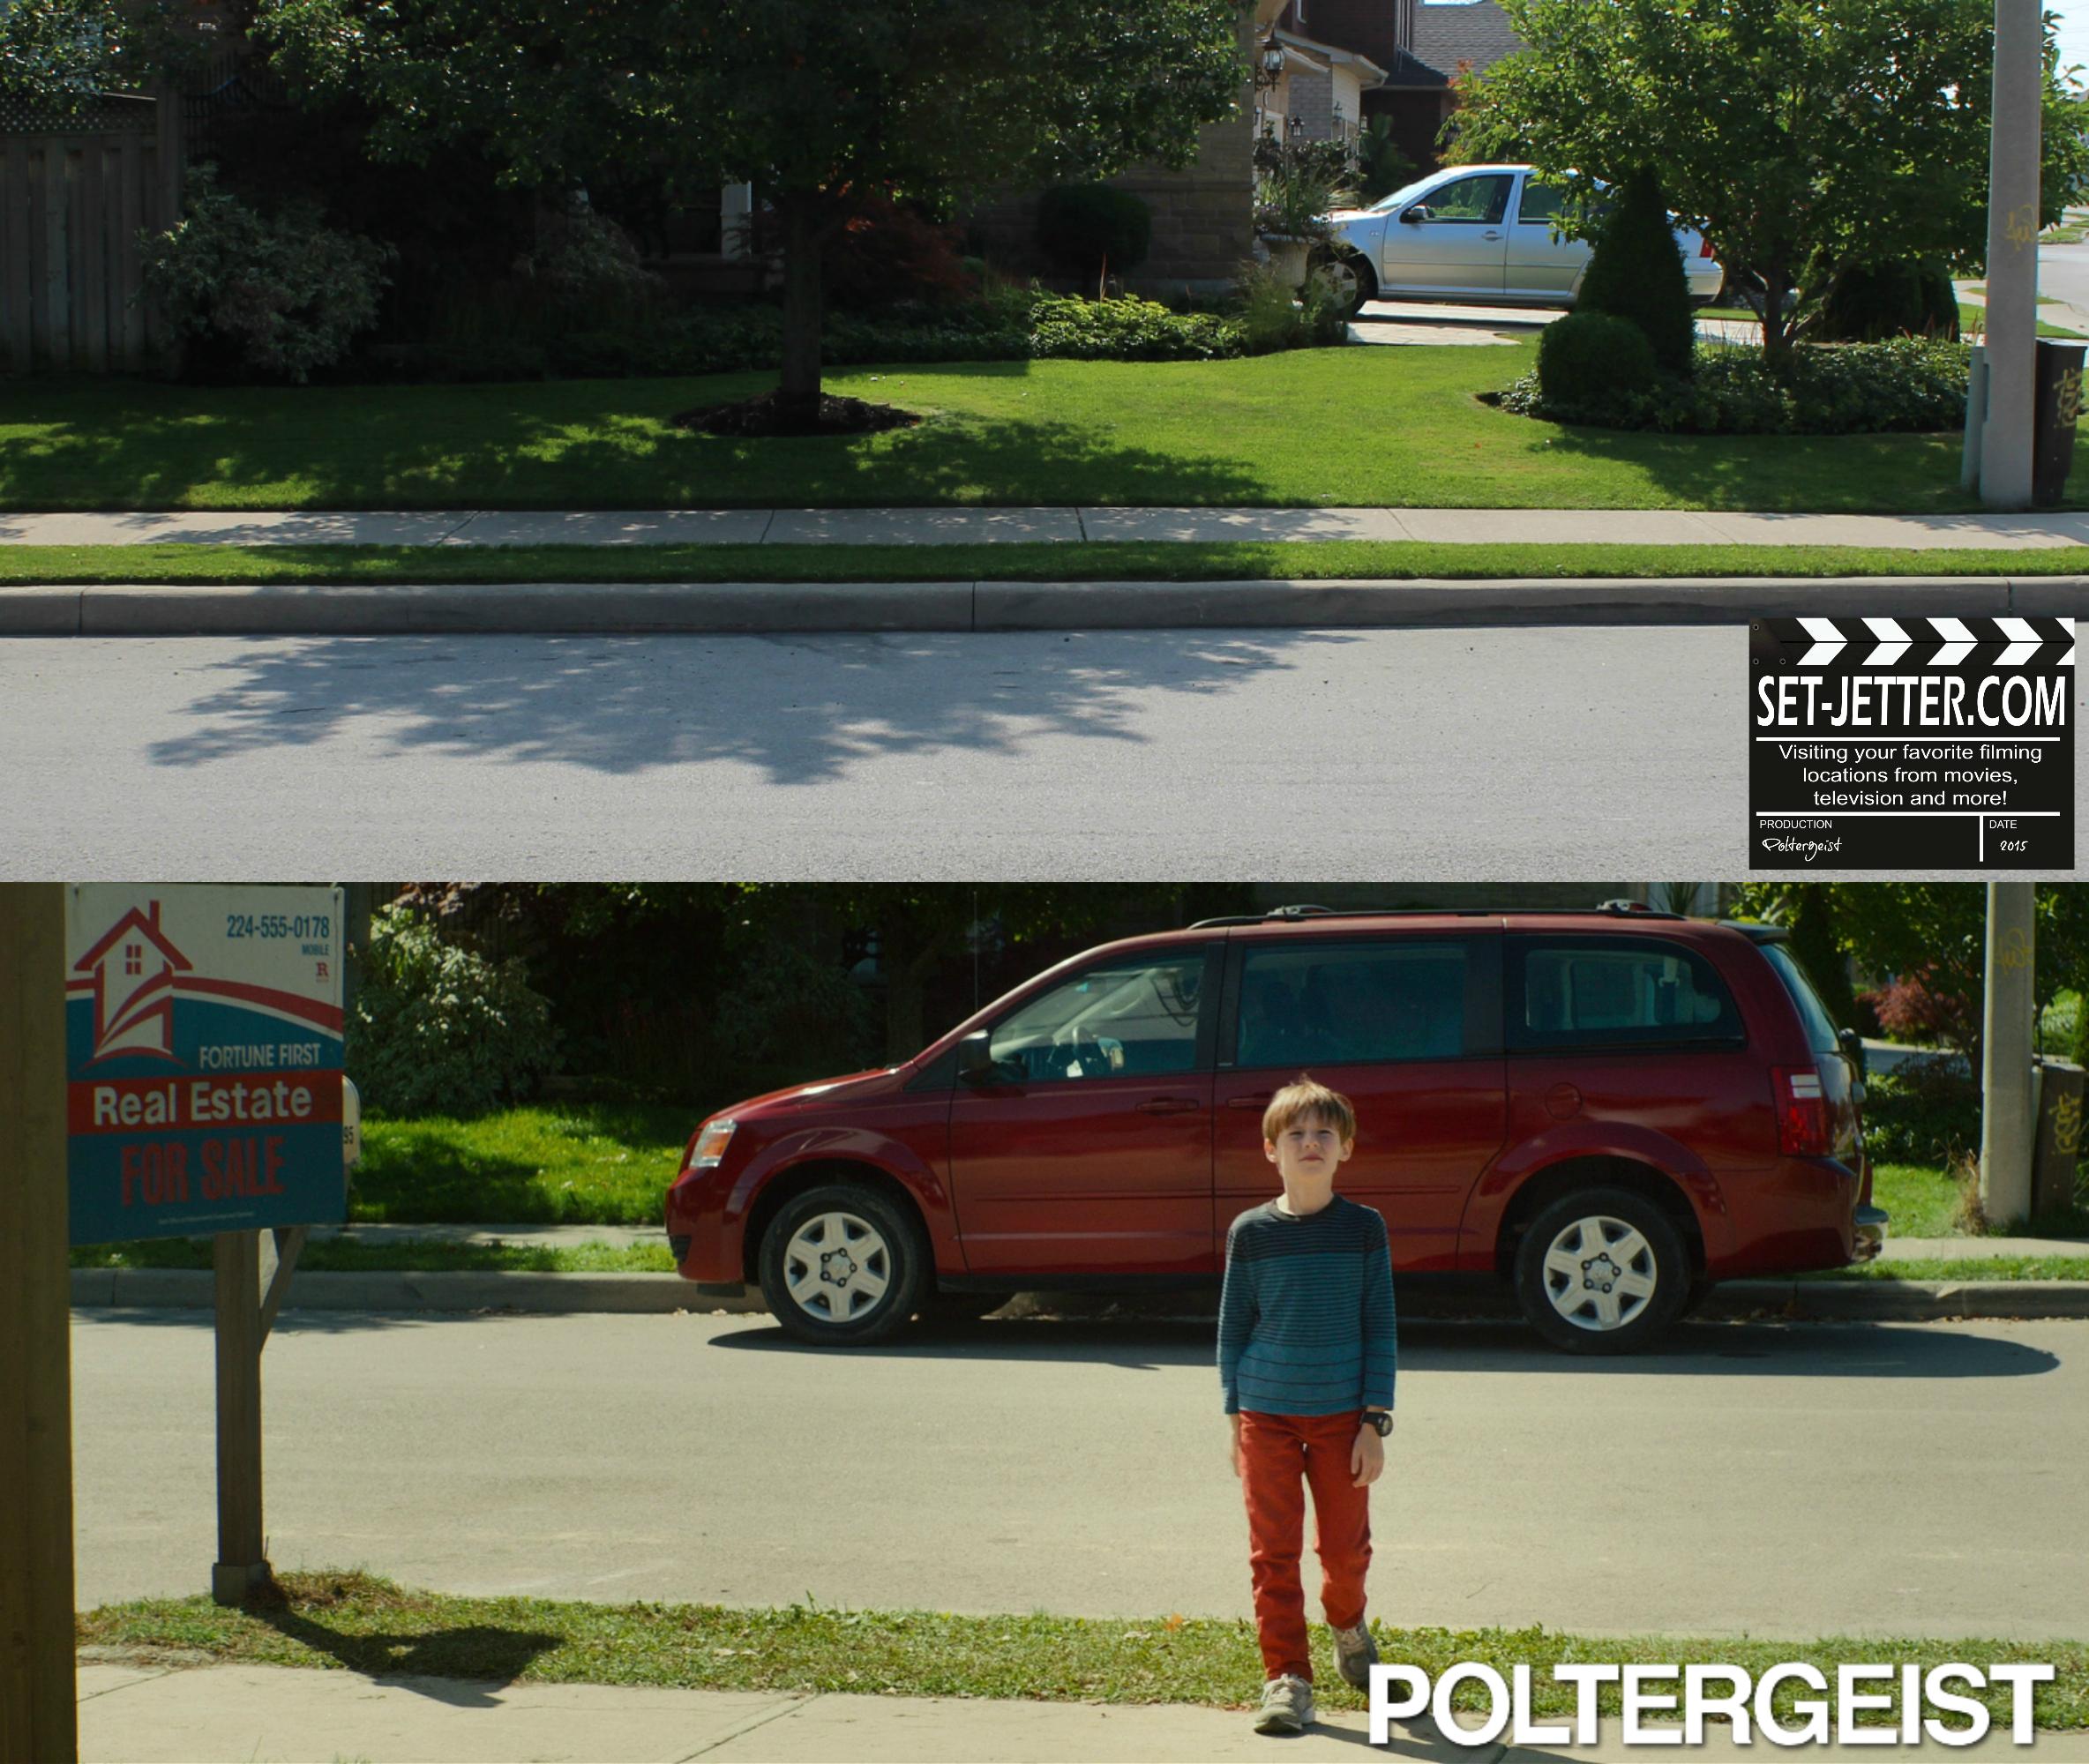 Poltergeist comparison 36.jpg